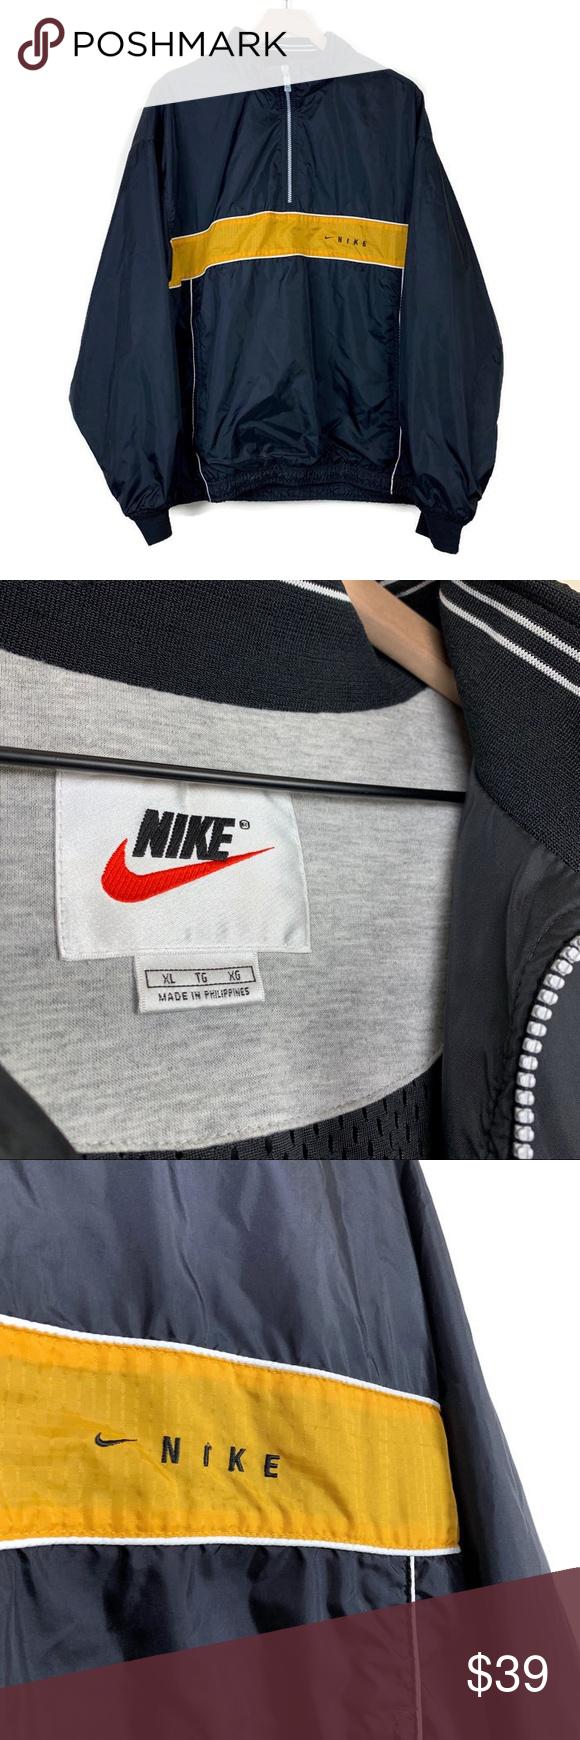 Vintage Nike Half Zip Pullover Windbreaker Jacket Pullover Windbreaker Vintage Nike Half Zip Pullover